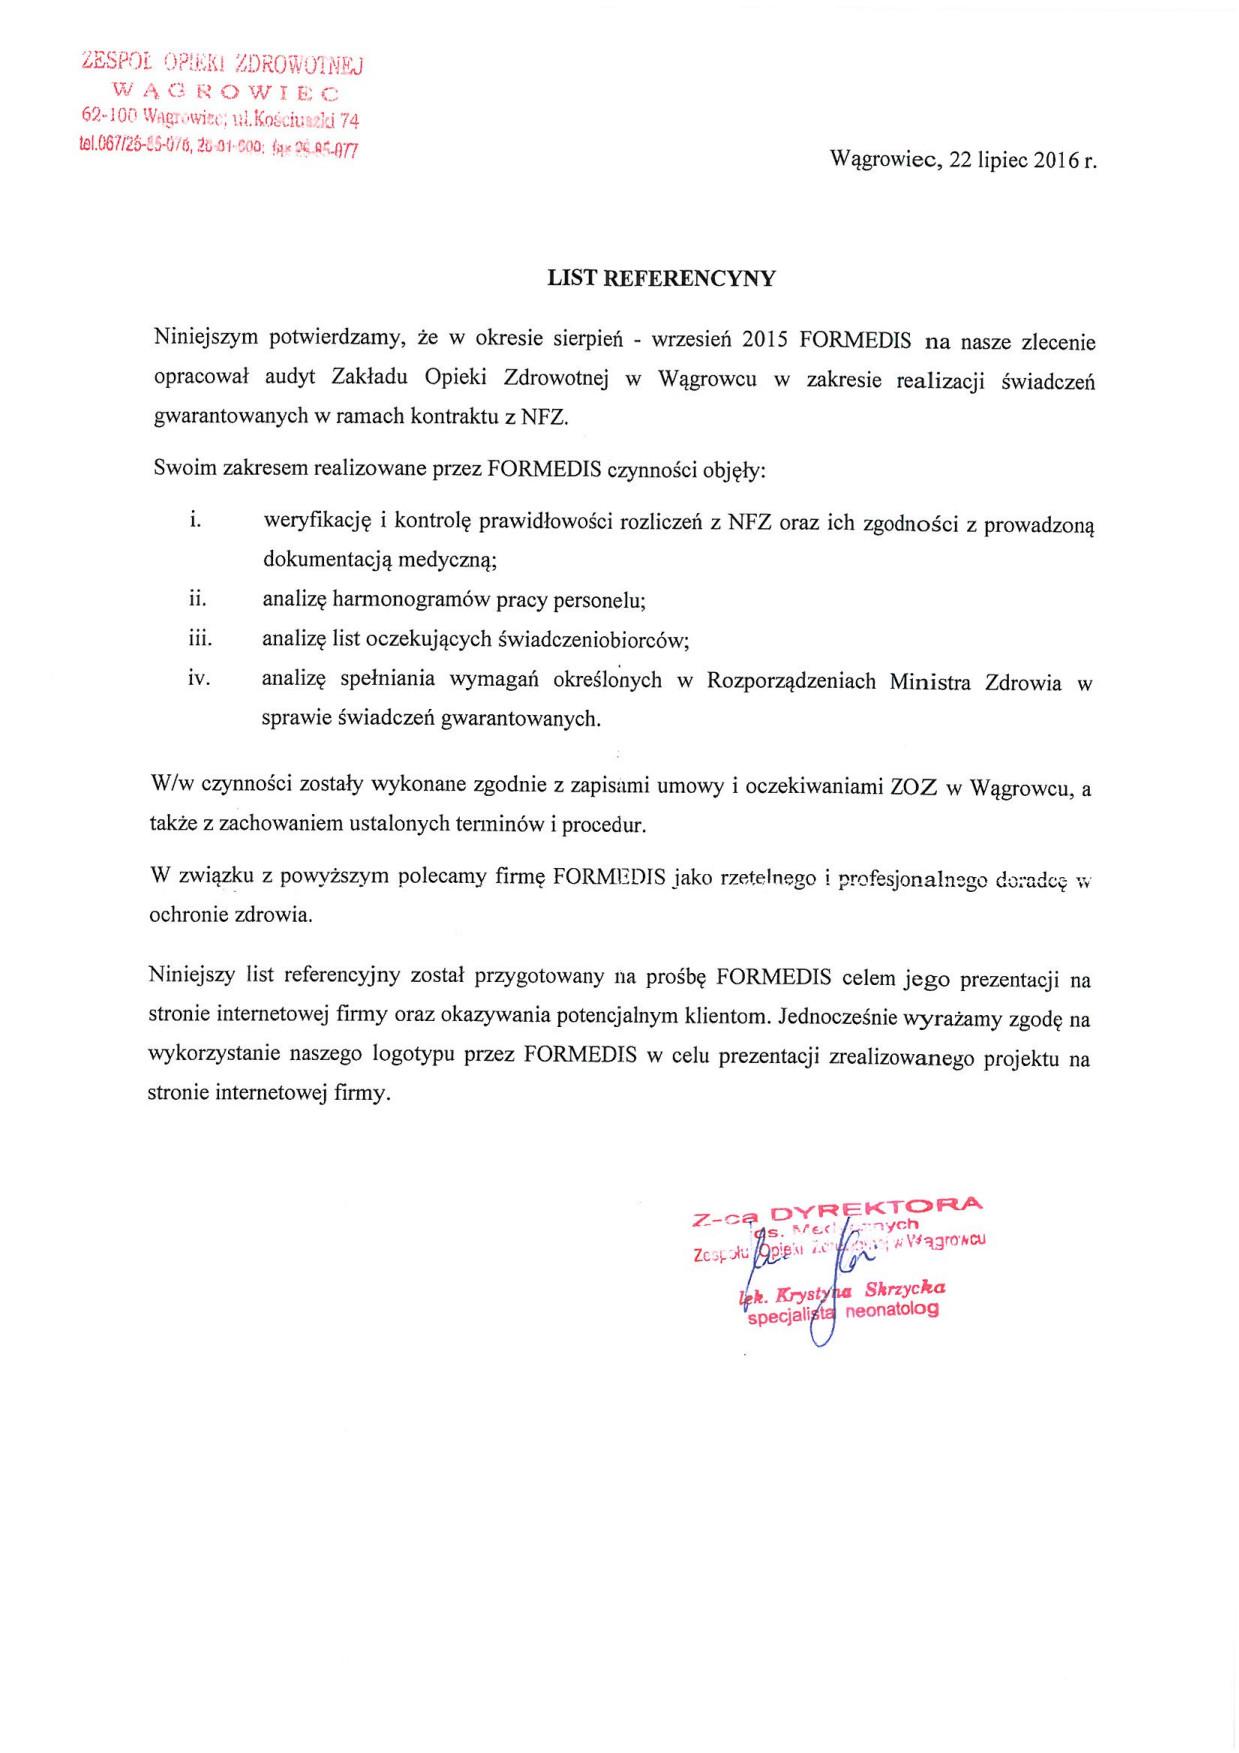 ZOZ_wagrowiec_referencje